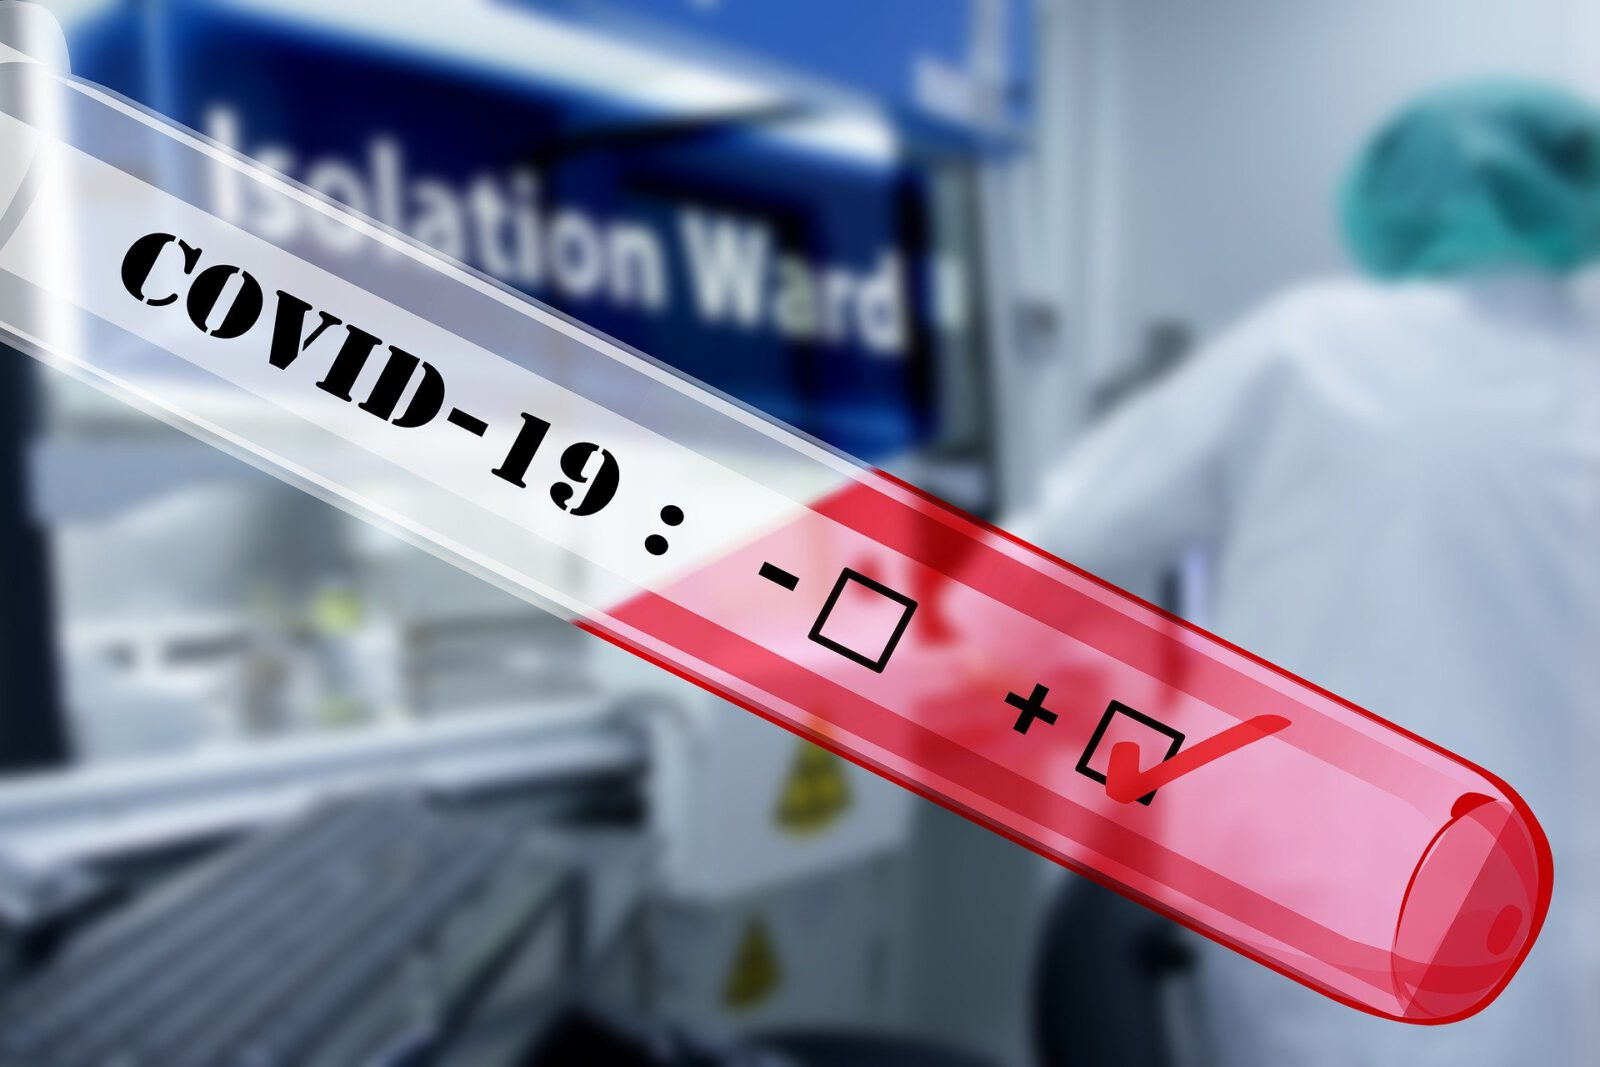 Zmiana obostrzeń związanych z pandemią wirusa COVID-19 - infografika